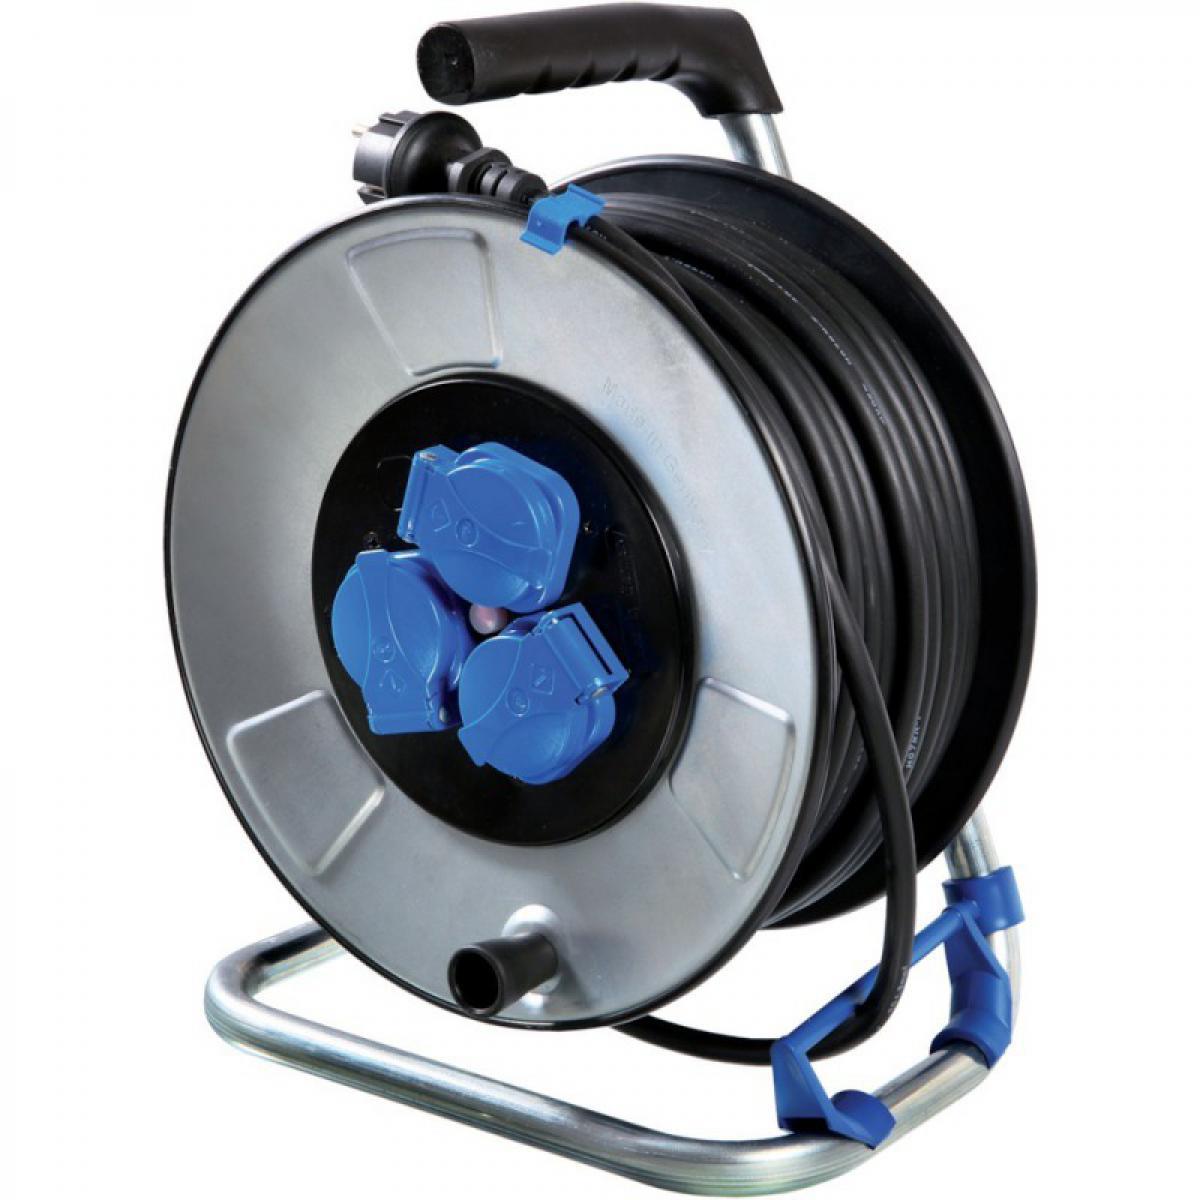 Schwabe Enrouleur de cable 40 m H07RN-F 3 G 2,5